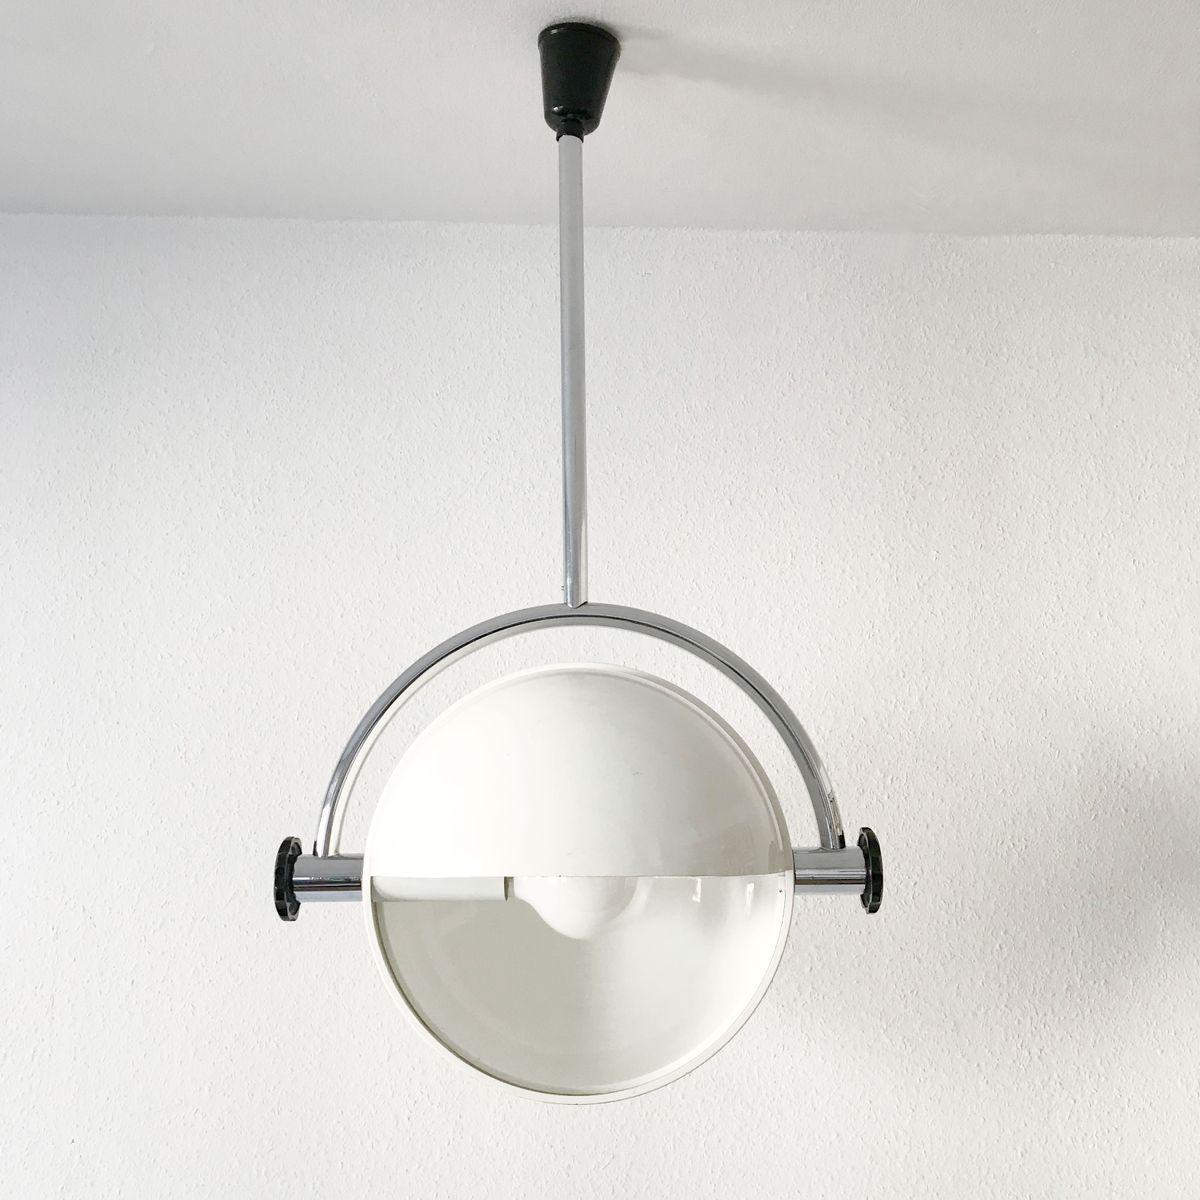 Led Deckenleuchte Bad Ip44 Deckenlampen Modern Design Led Deckenleuchte Flach Lang Deckenl Led Deckenleuchte Bad Led Deckenleuchte Flach Led Deckenlampen